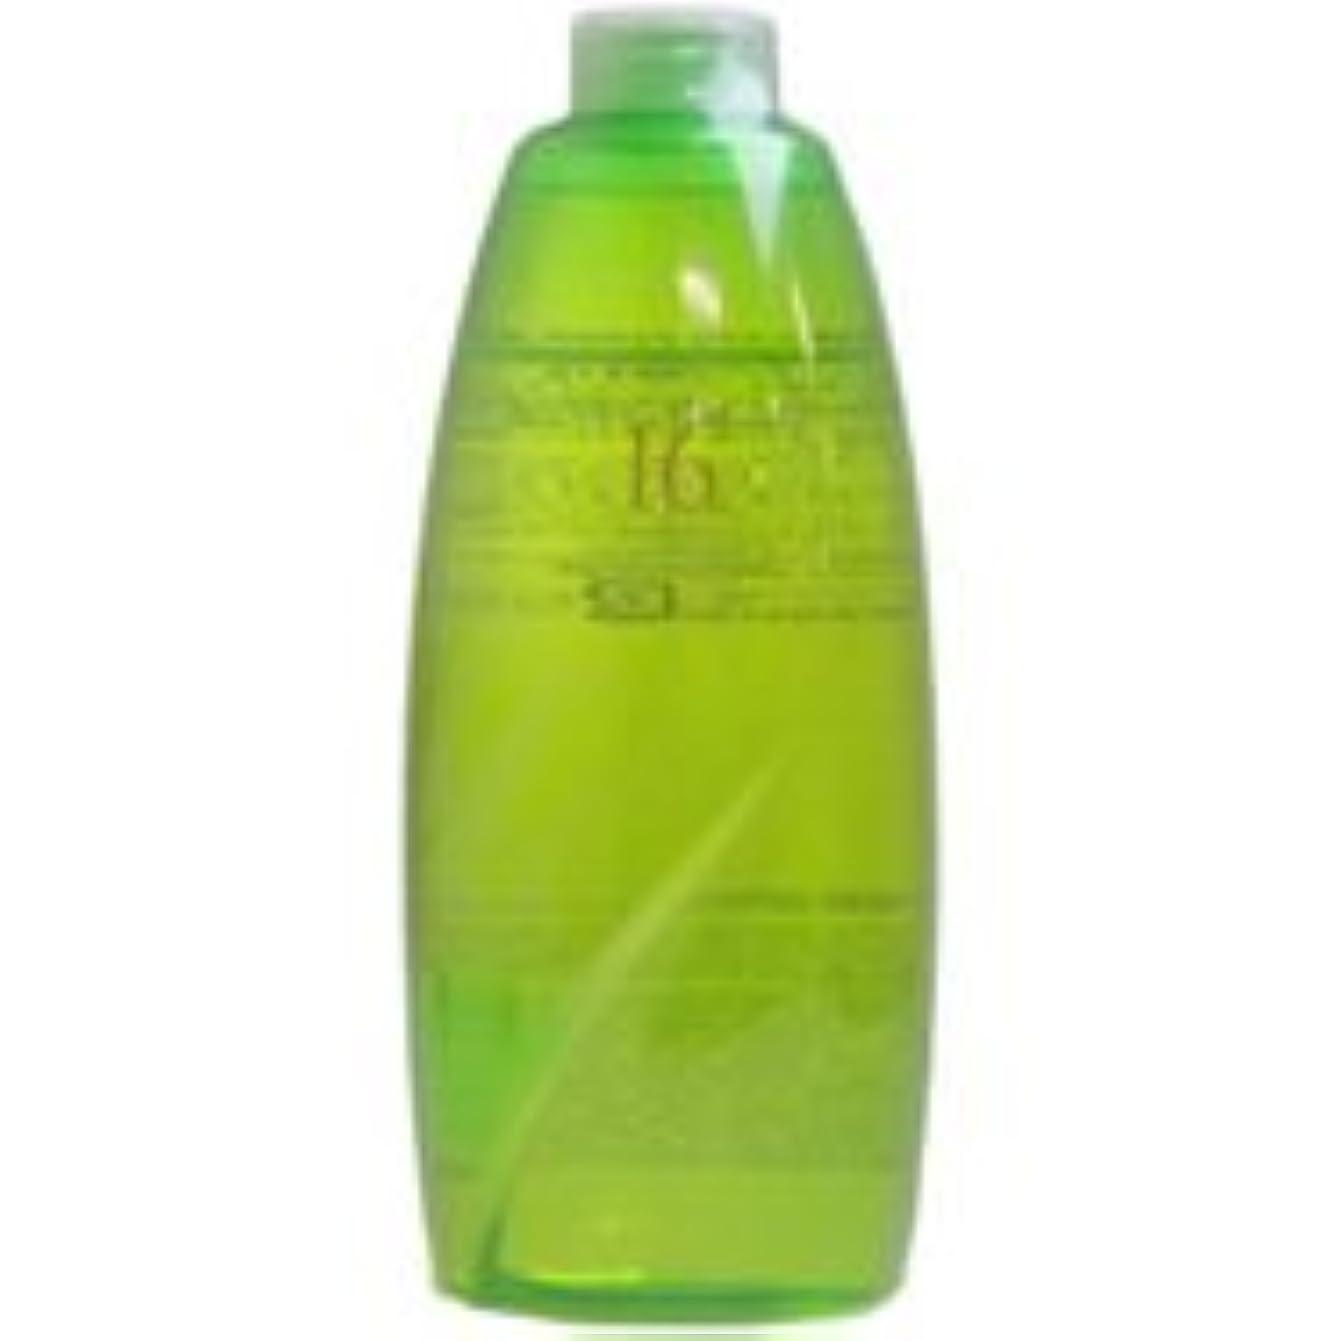 節約する損失厚くするハホニコ ジュウロクユ(十六油)1000ml 詰替え用 ポンプ付き HAHONIKO